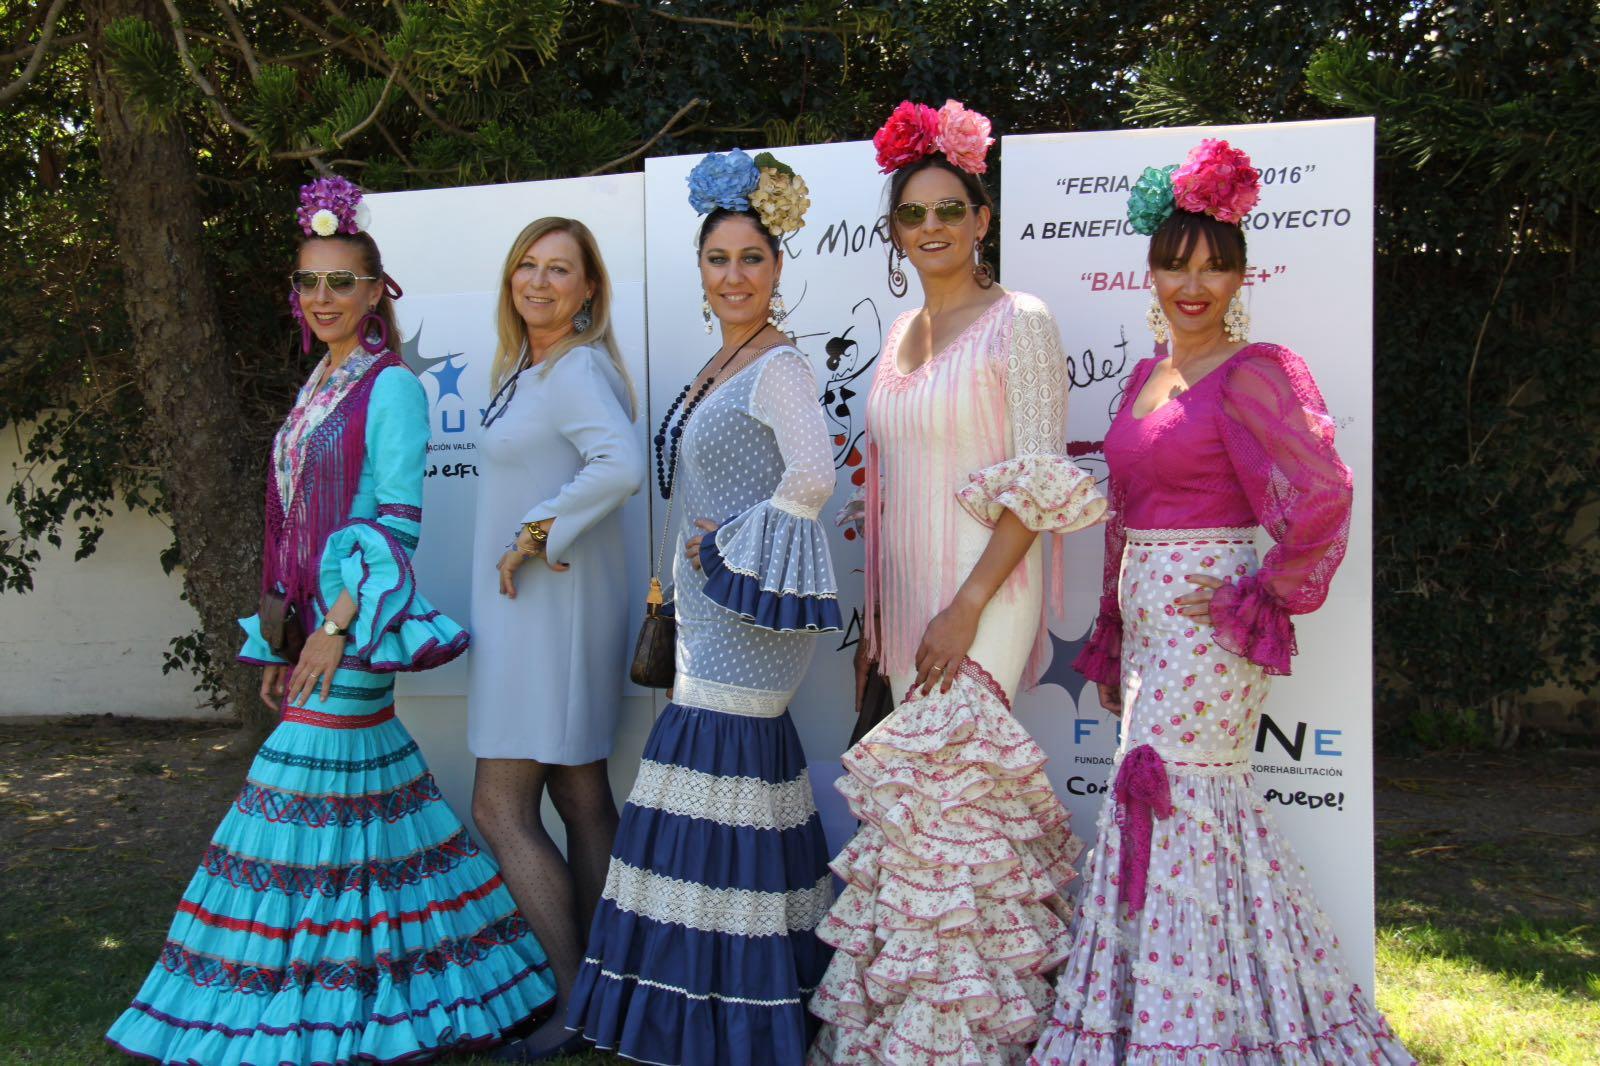 Feria de Abril 2017 Esther Mortes - Escuela de Danza